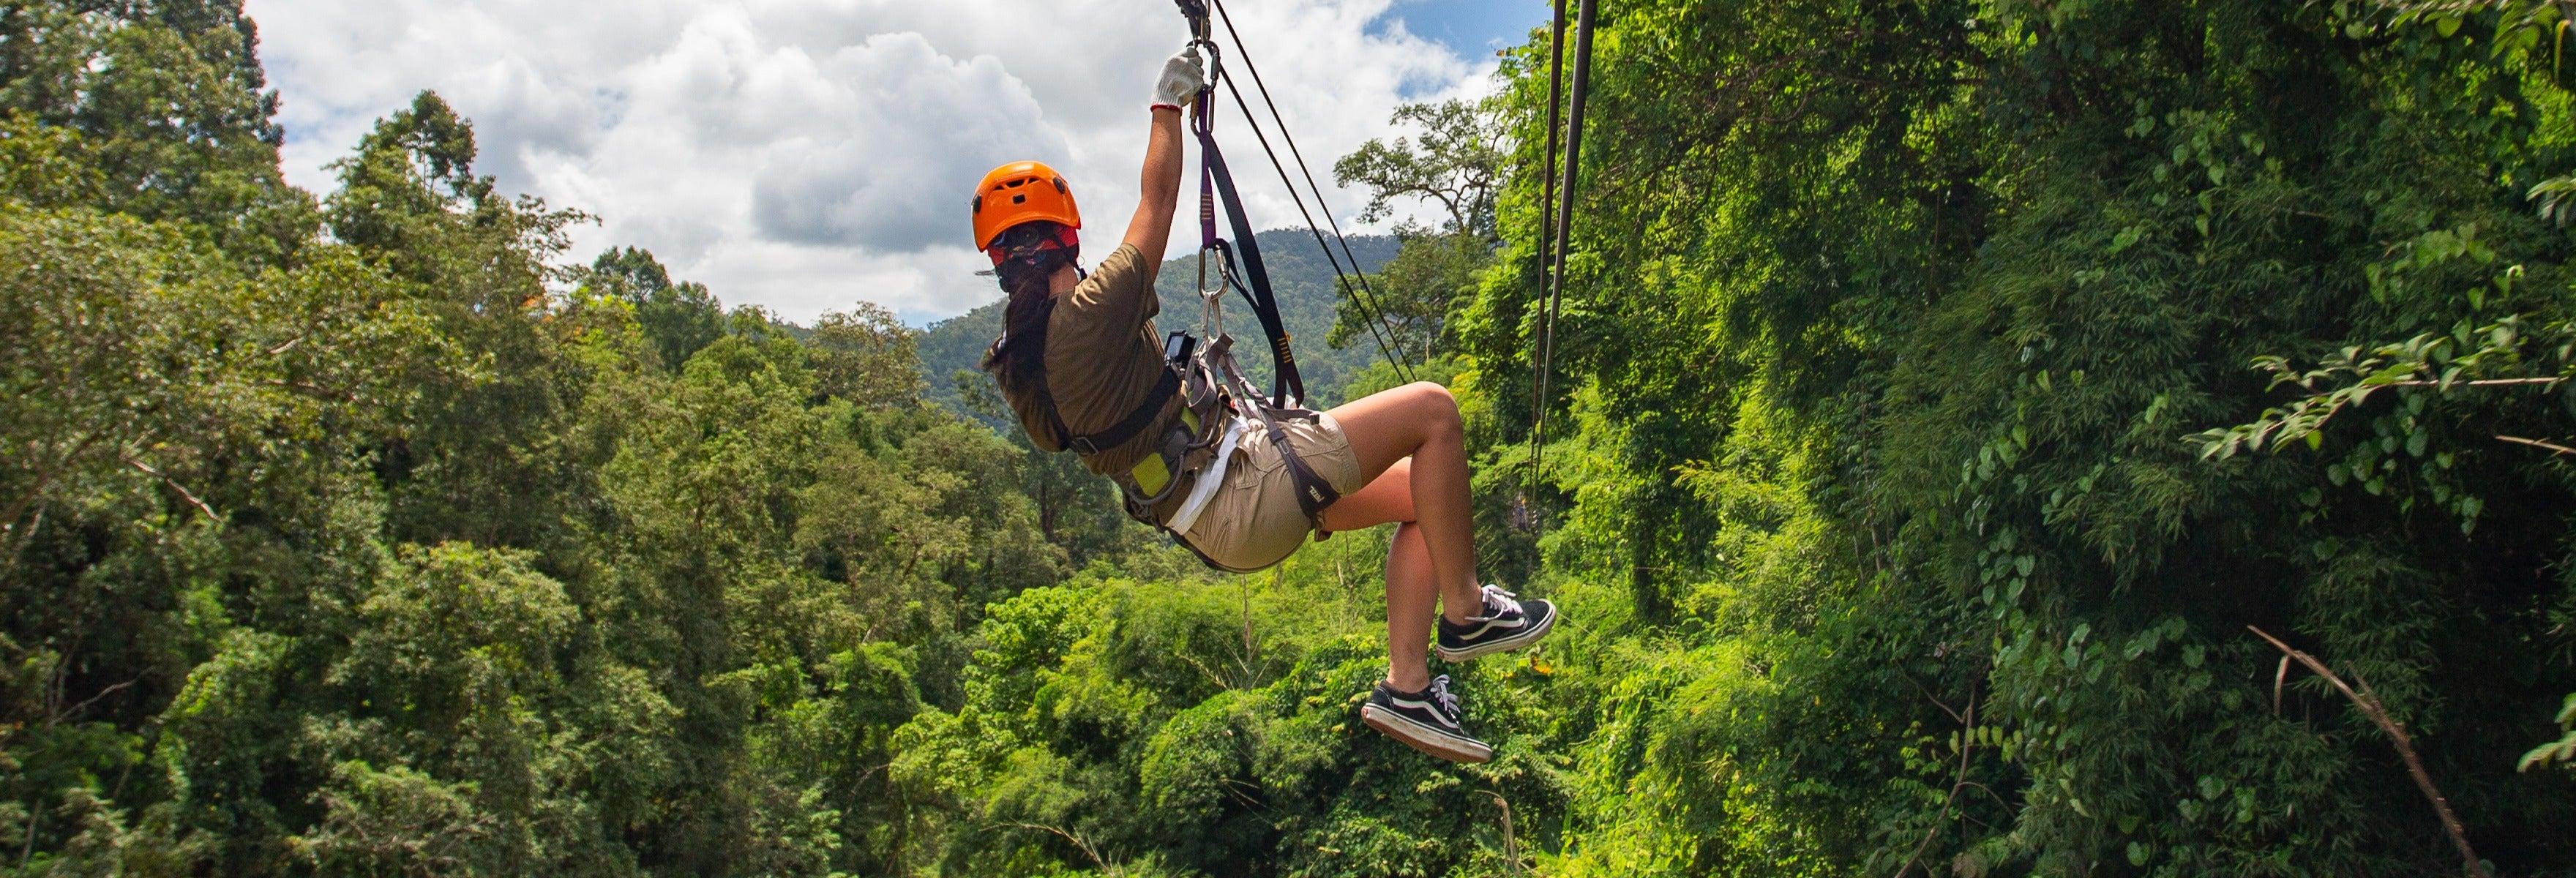 Excursão ao parque Coconut Cove